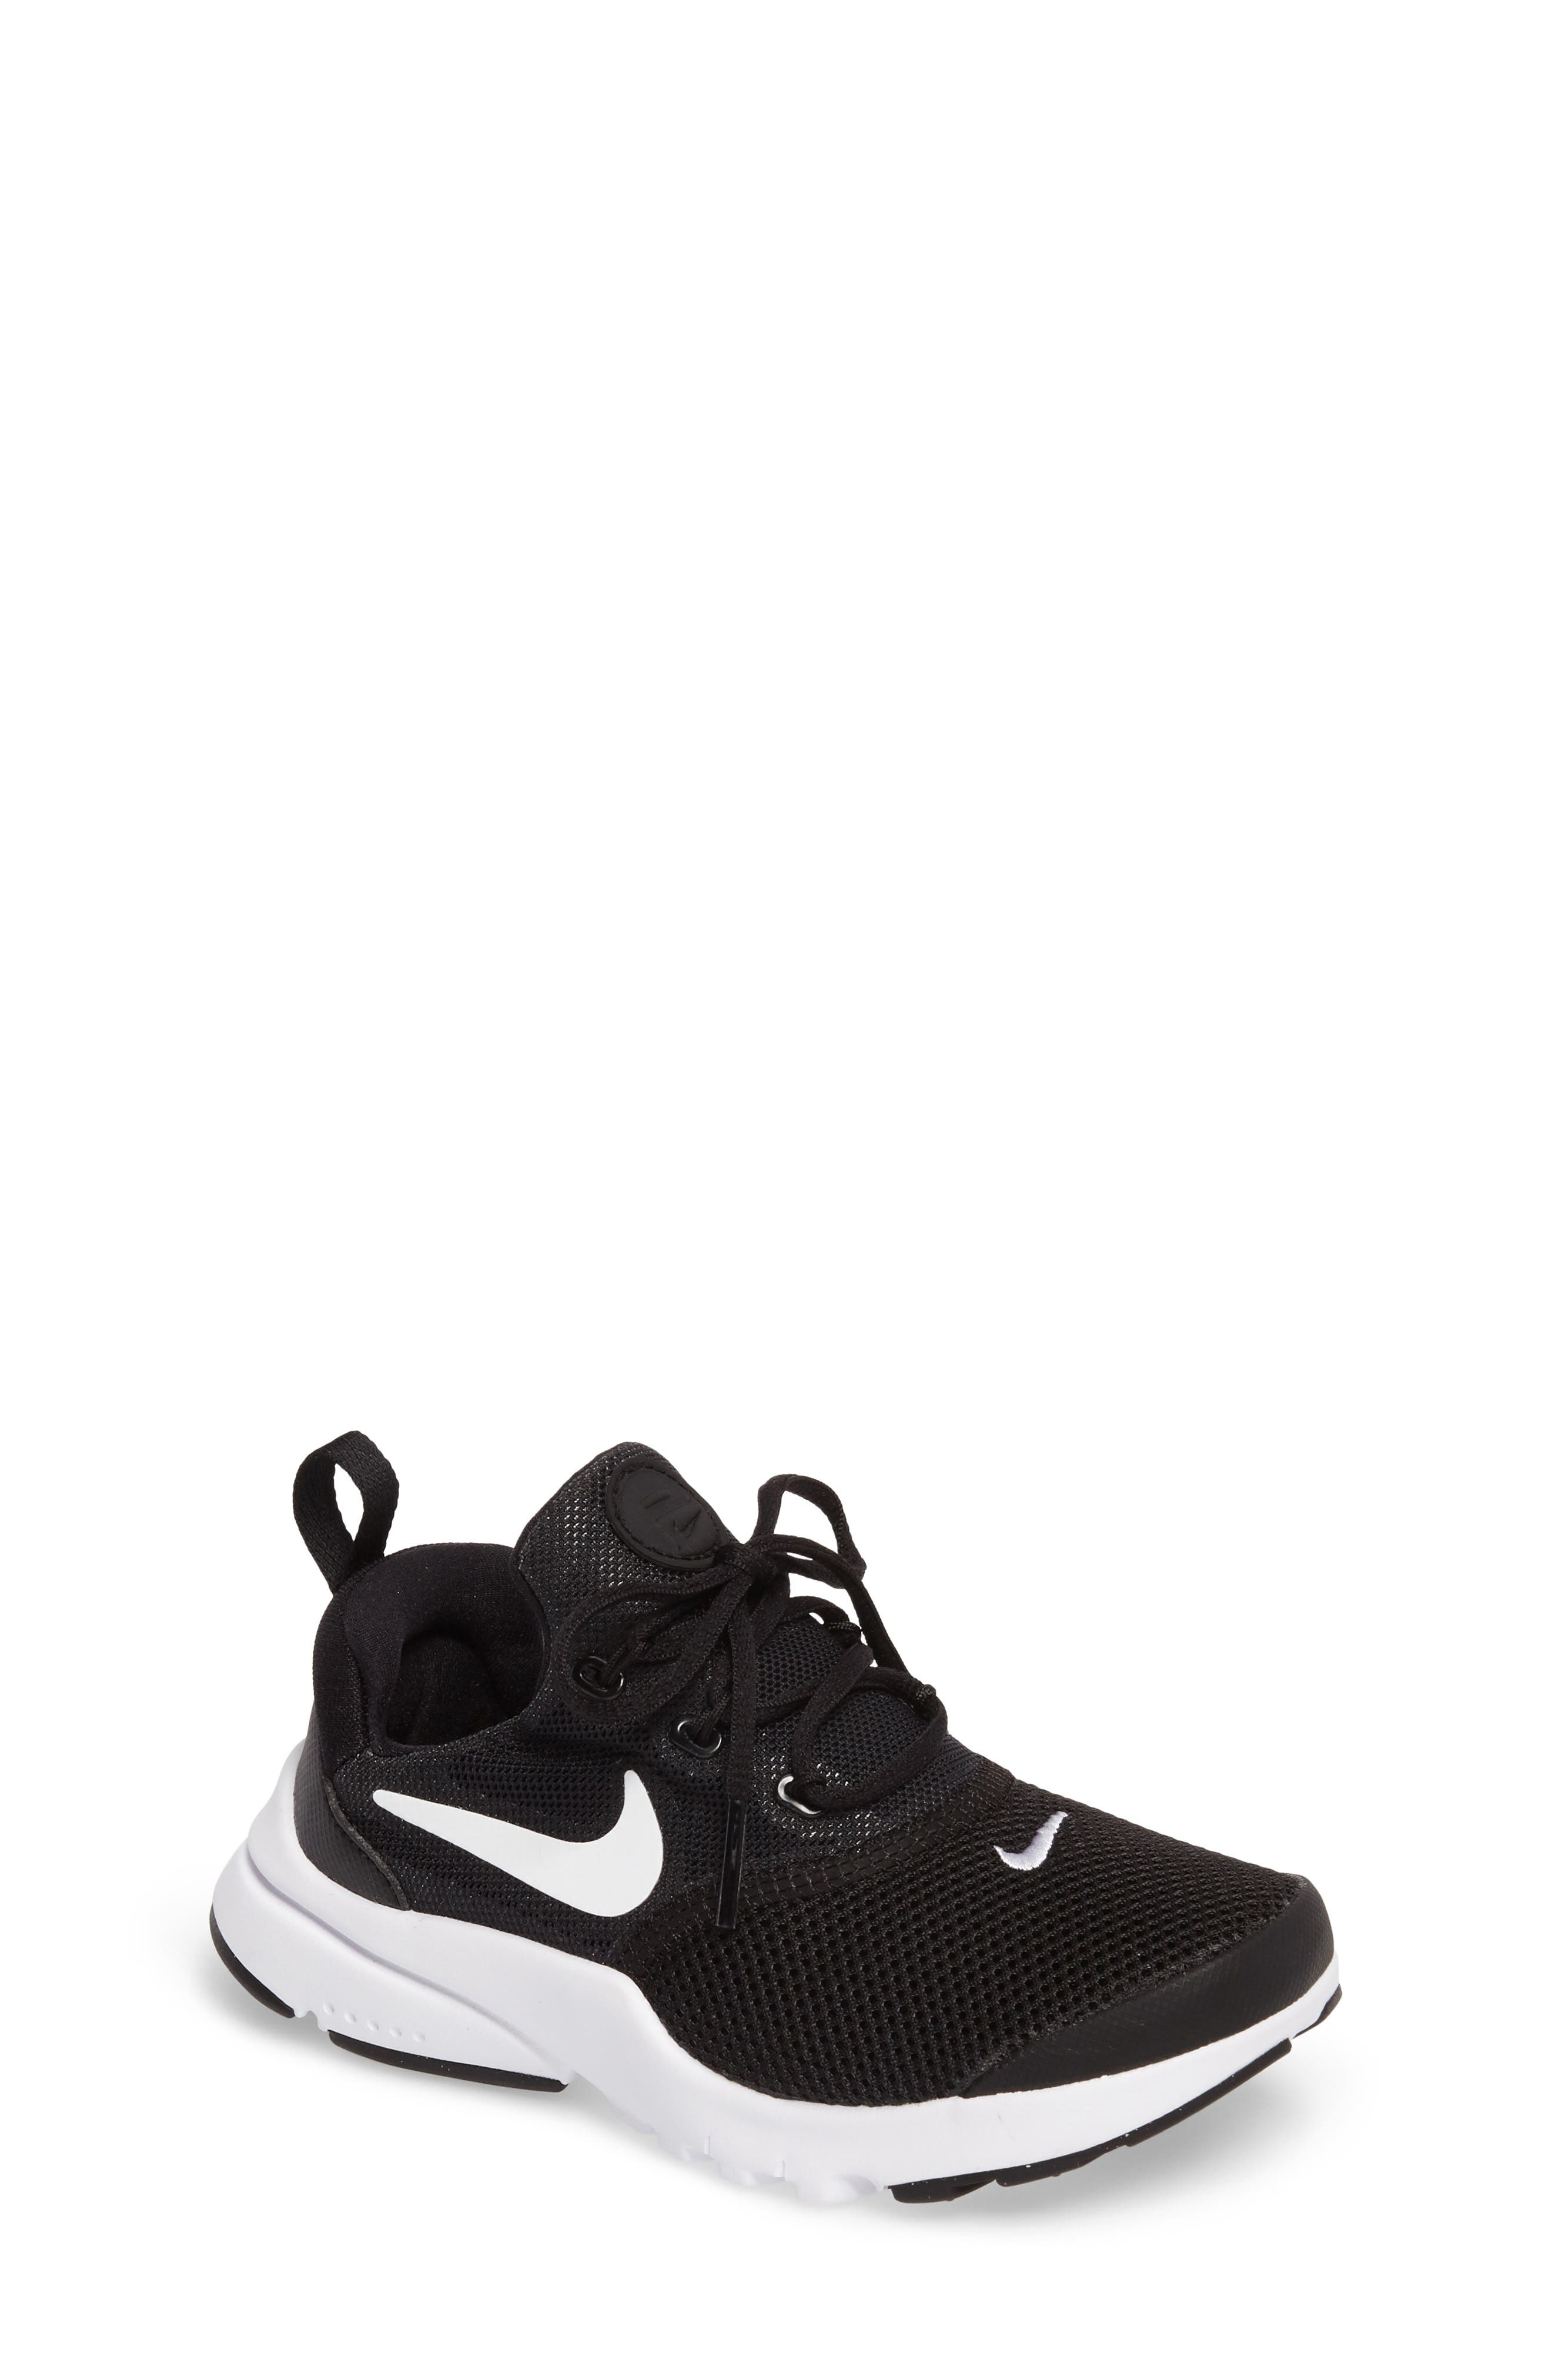 Nike Presto Fly Sneaker (Toddler & Little Kid)